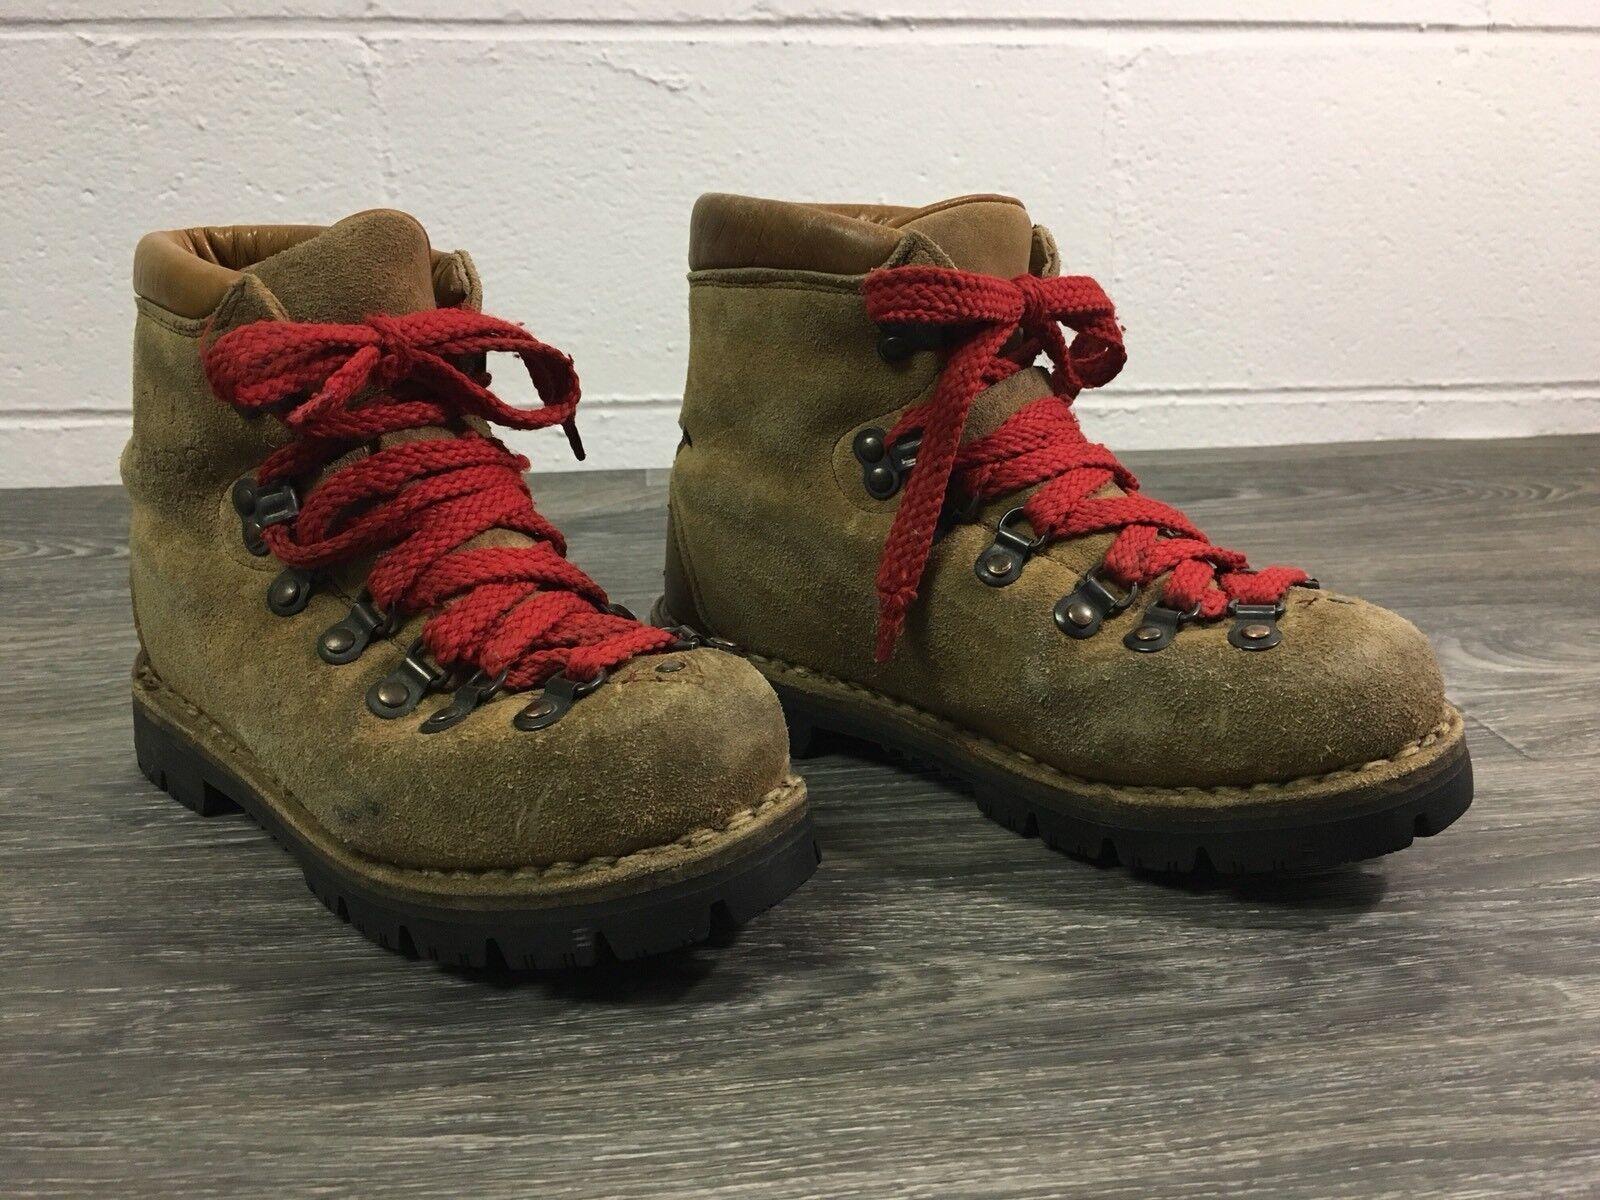 Kinney Colorado botas Senderismo De Colección Italia Cuero Suela Vibram de zapatos de montañismo 6